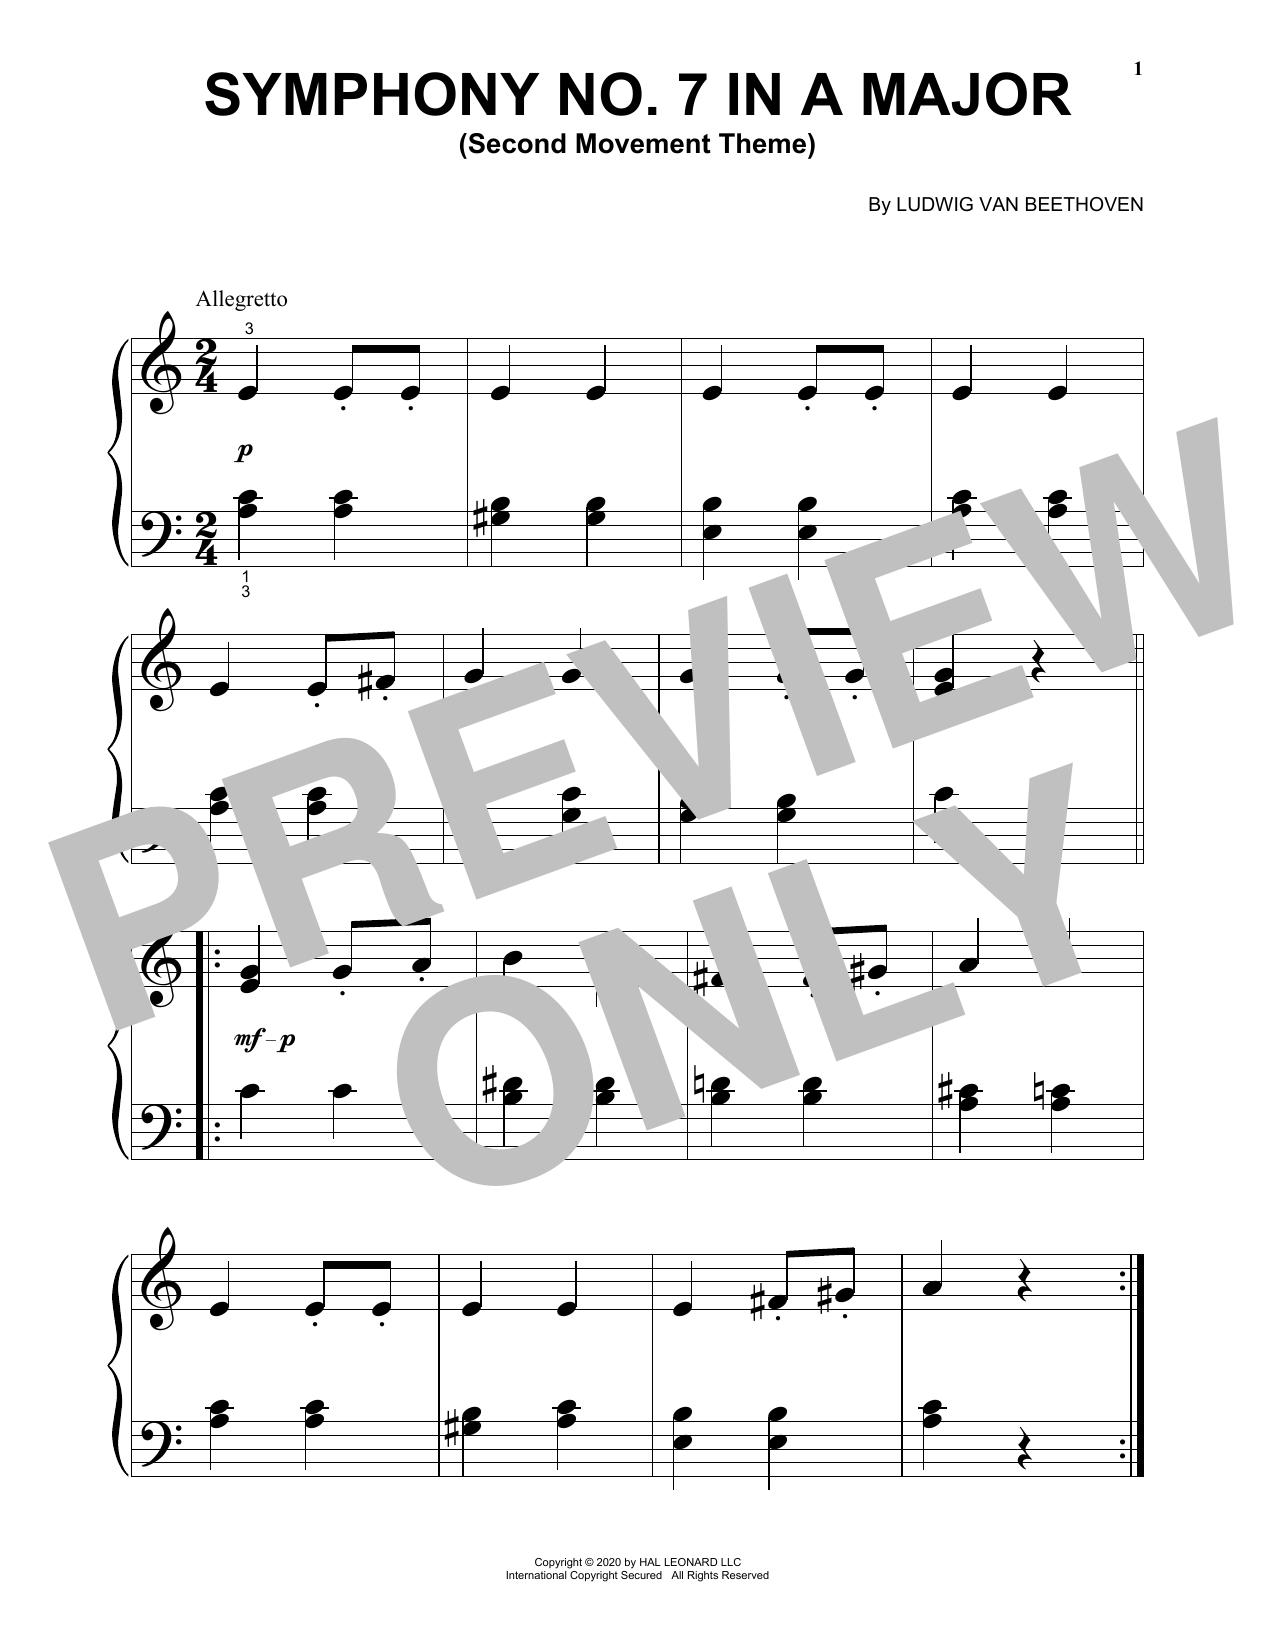 Symphony No. 7 In A Major, Second Movement (Allegretto) (Big Note Piano)